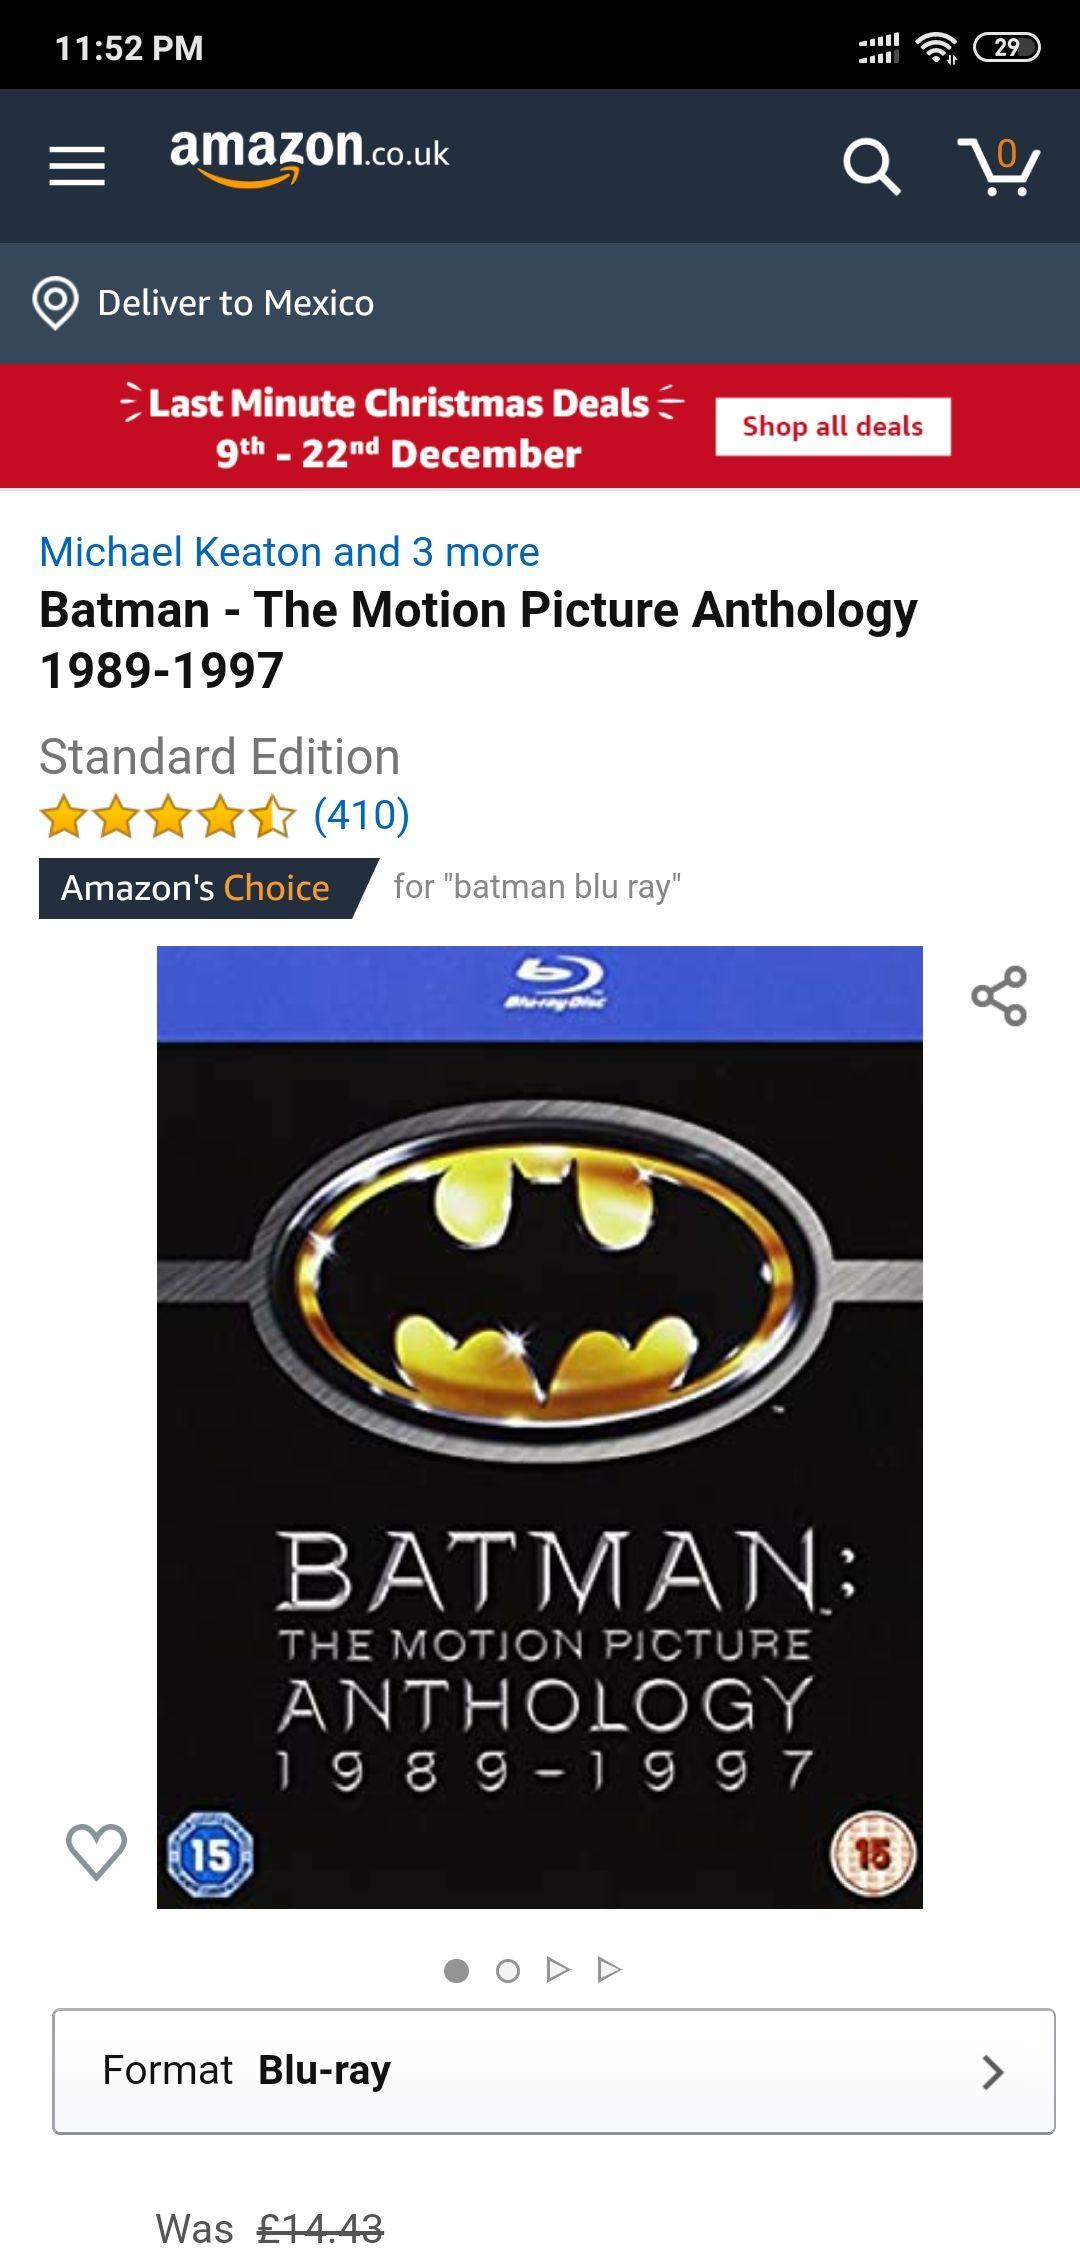 Amazon uk: Blueray Batman antología 1989-1997